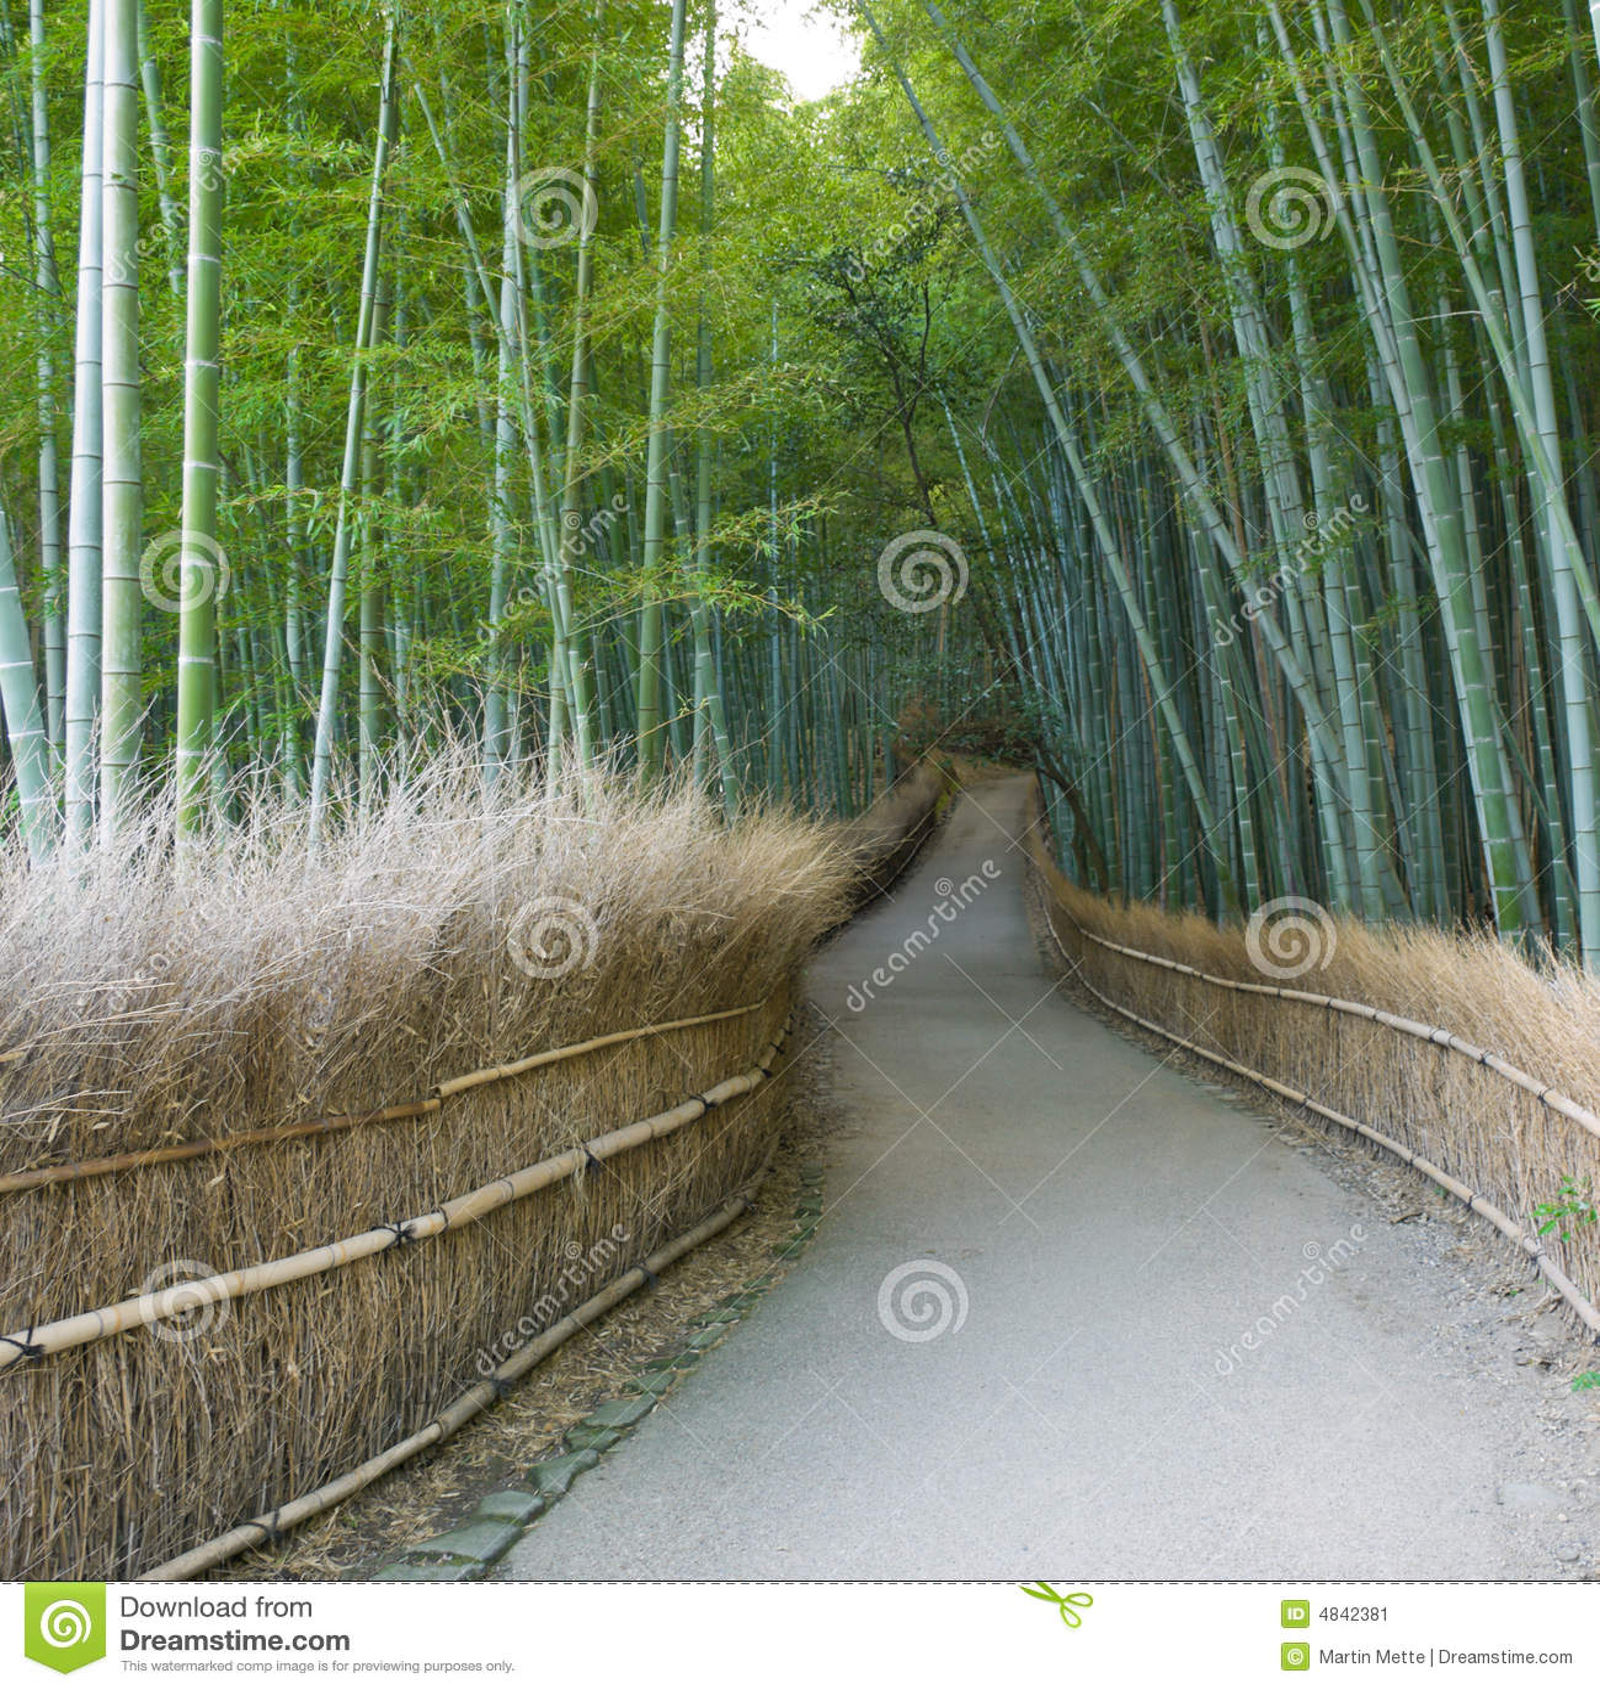 forest grove buddhist personals Jo sóc ex-votant de ciu, sempre fins les properes són experiències personals que no podem transmetre del tot  pleasant grove auto insuratce.